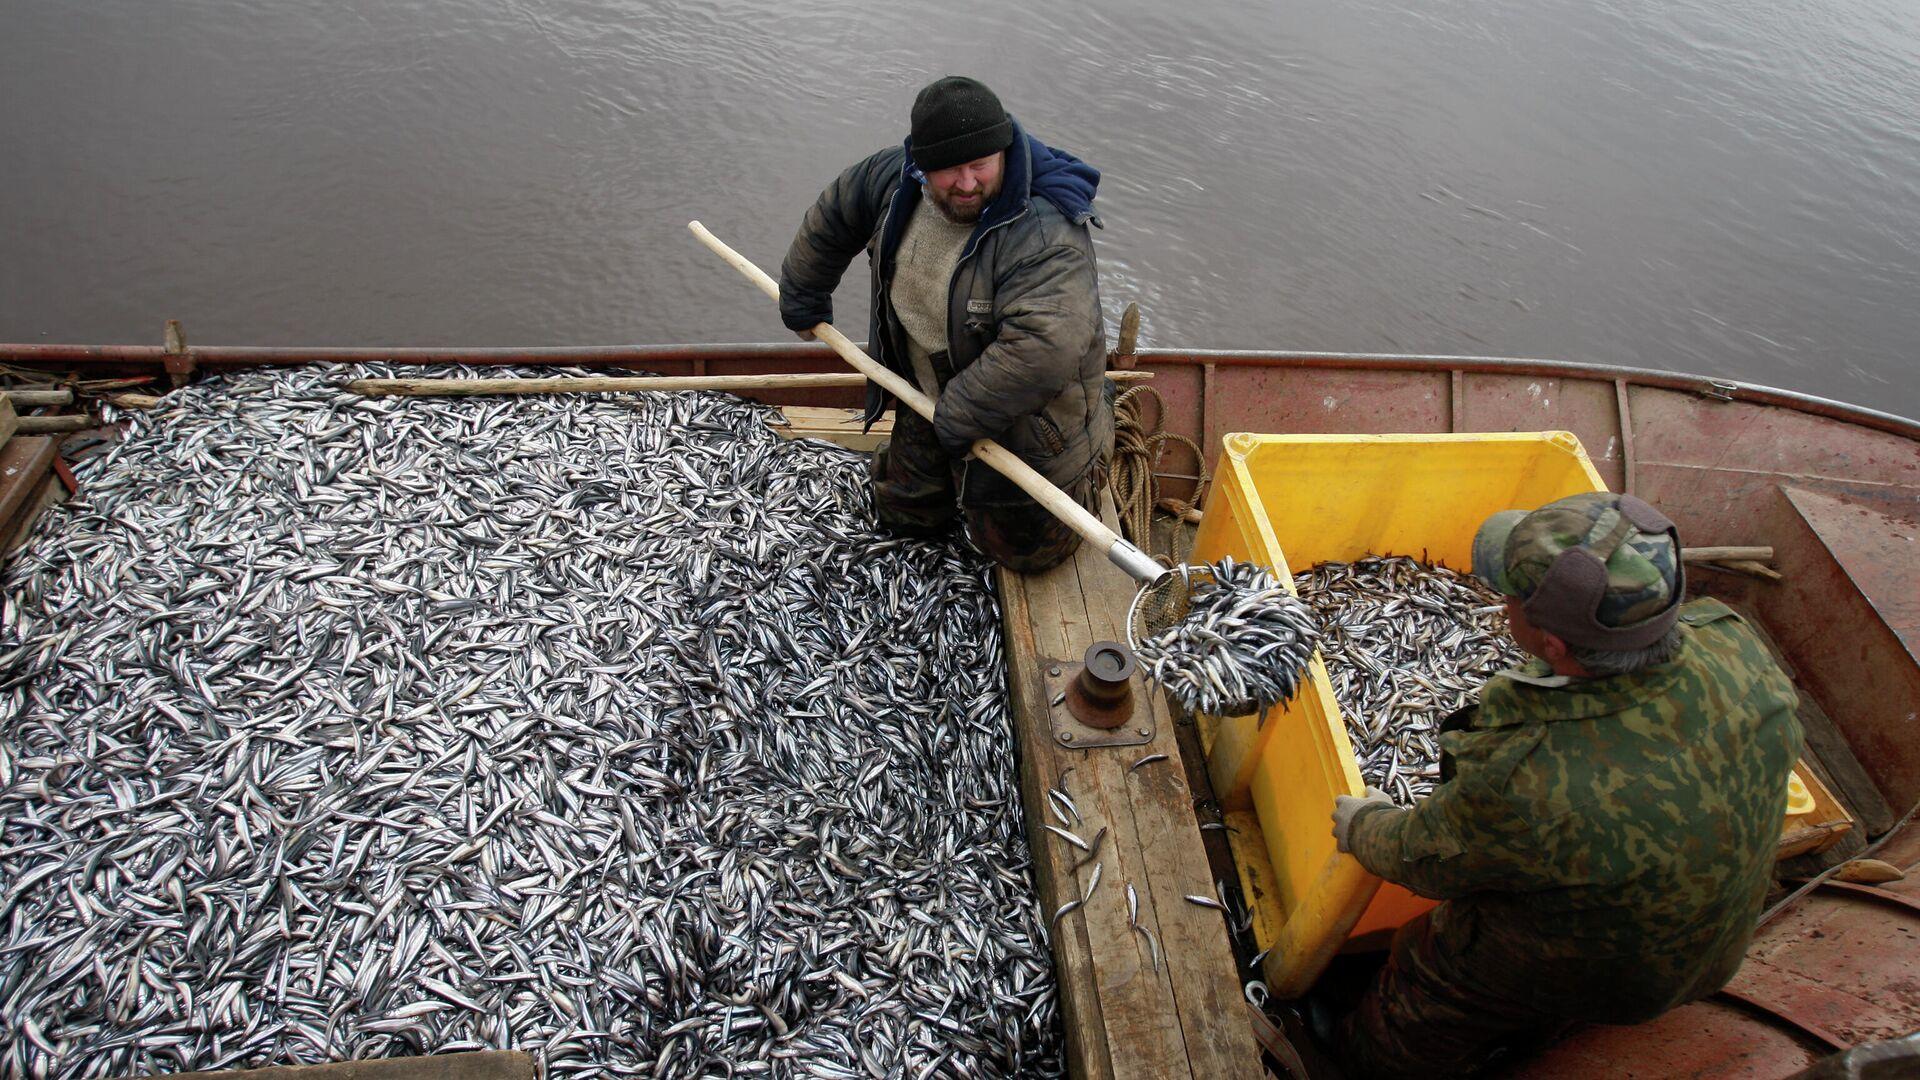 Рыбаки перегружают выловленную корюшку в ящик для дальнейшей транспортировки - РИА Новости, 1920, 17.06.2021